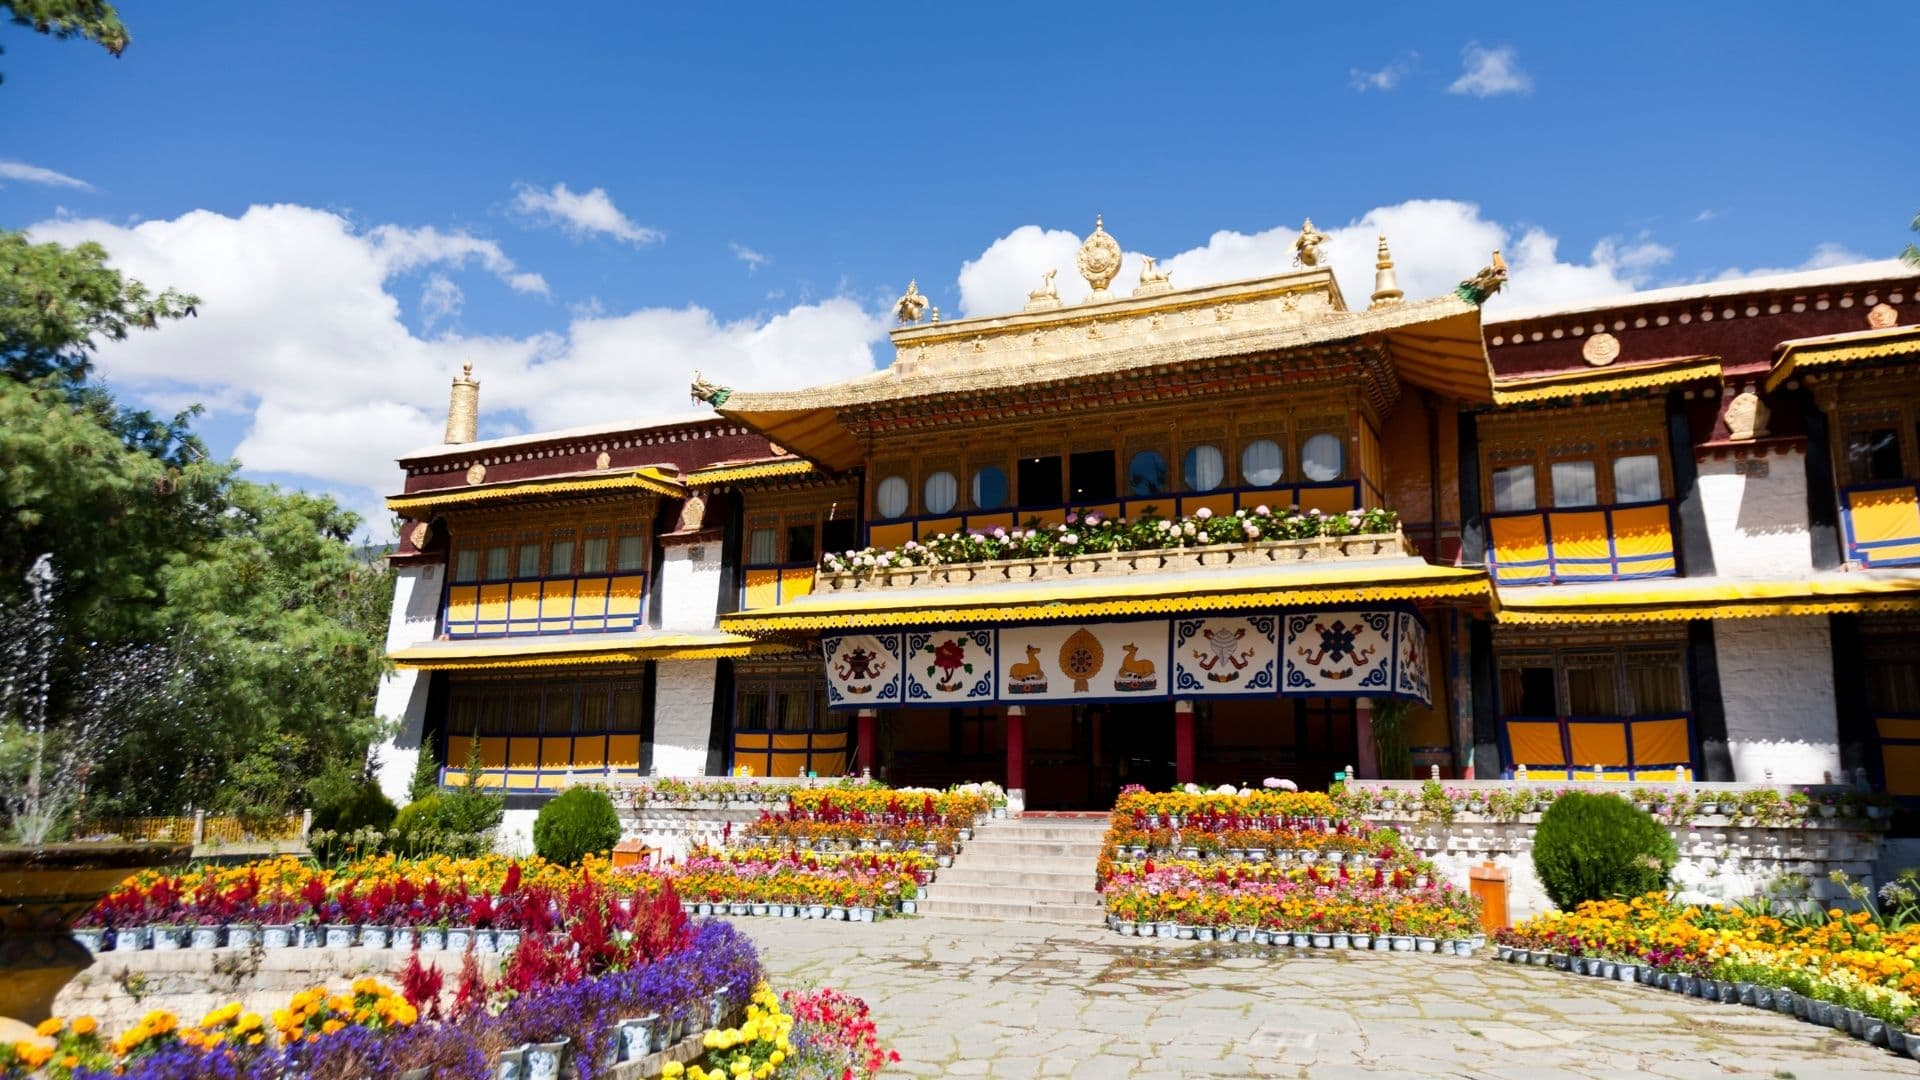 El Palacio de Verano Conocido como Norbulingka en Lhasa Tibet